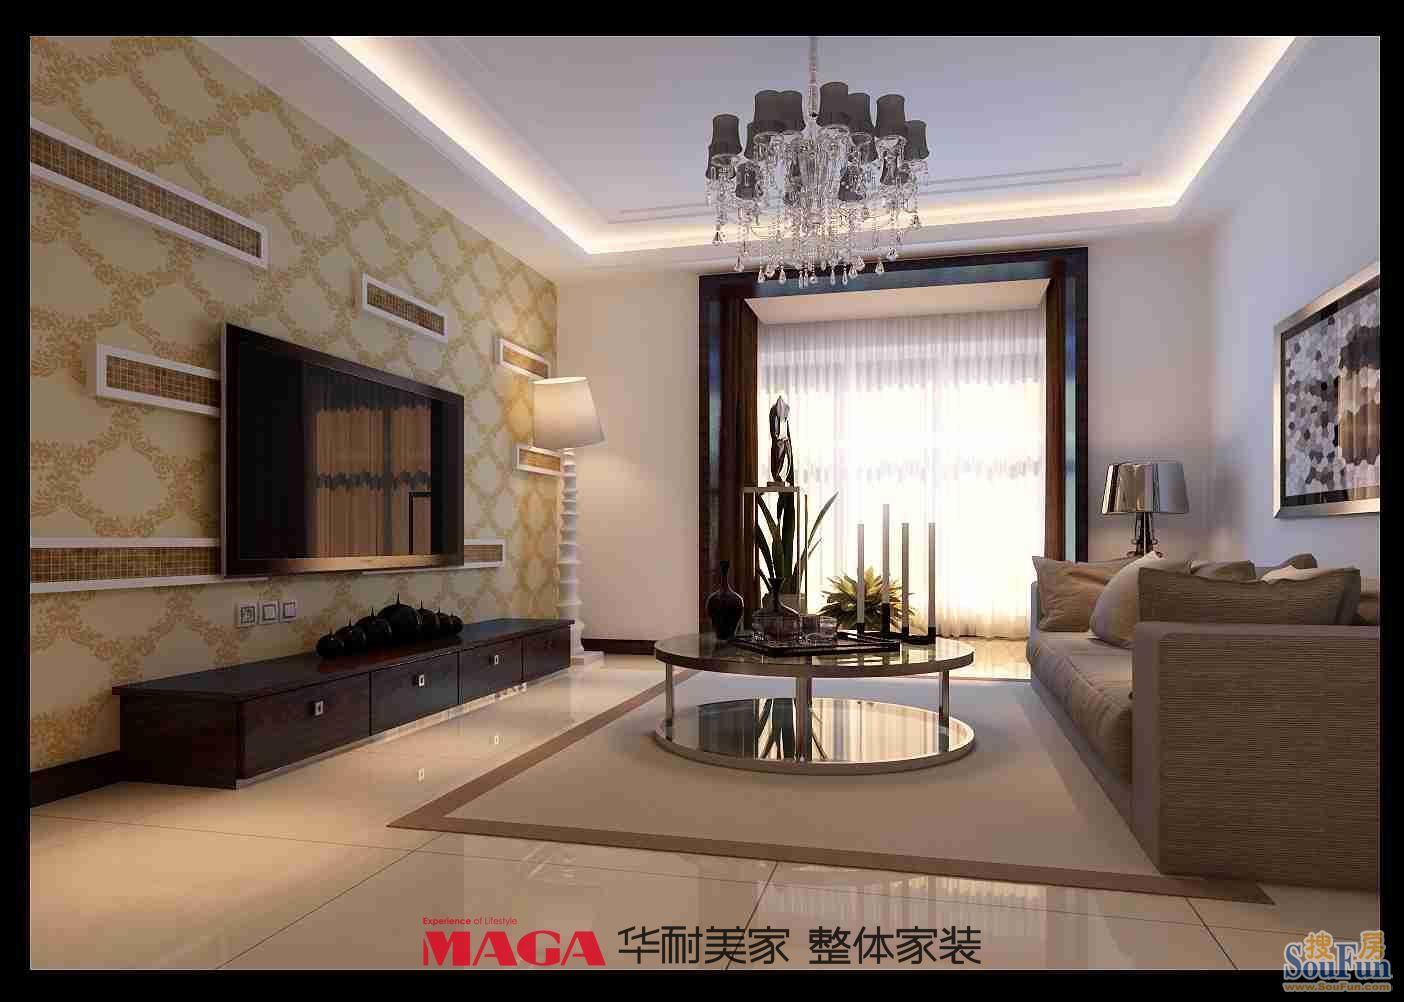 88平2室2厅 现代简约风格装修案例 预算8万元高清图片